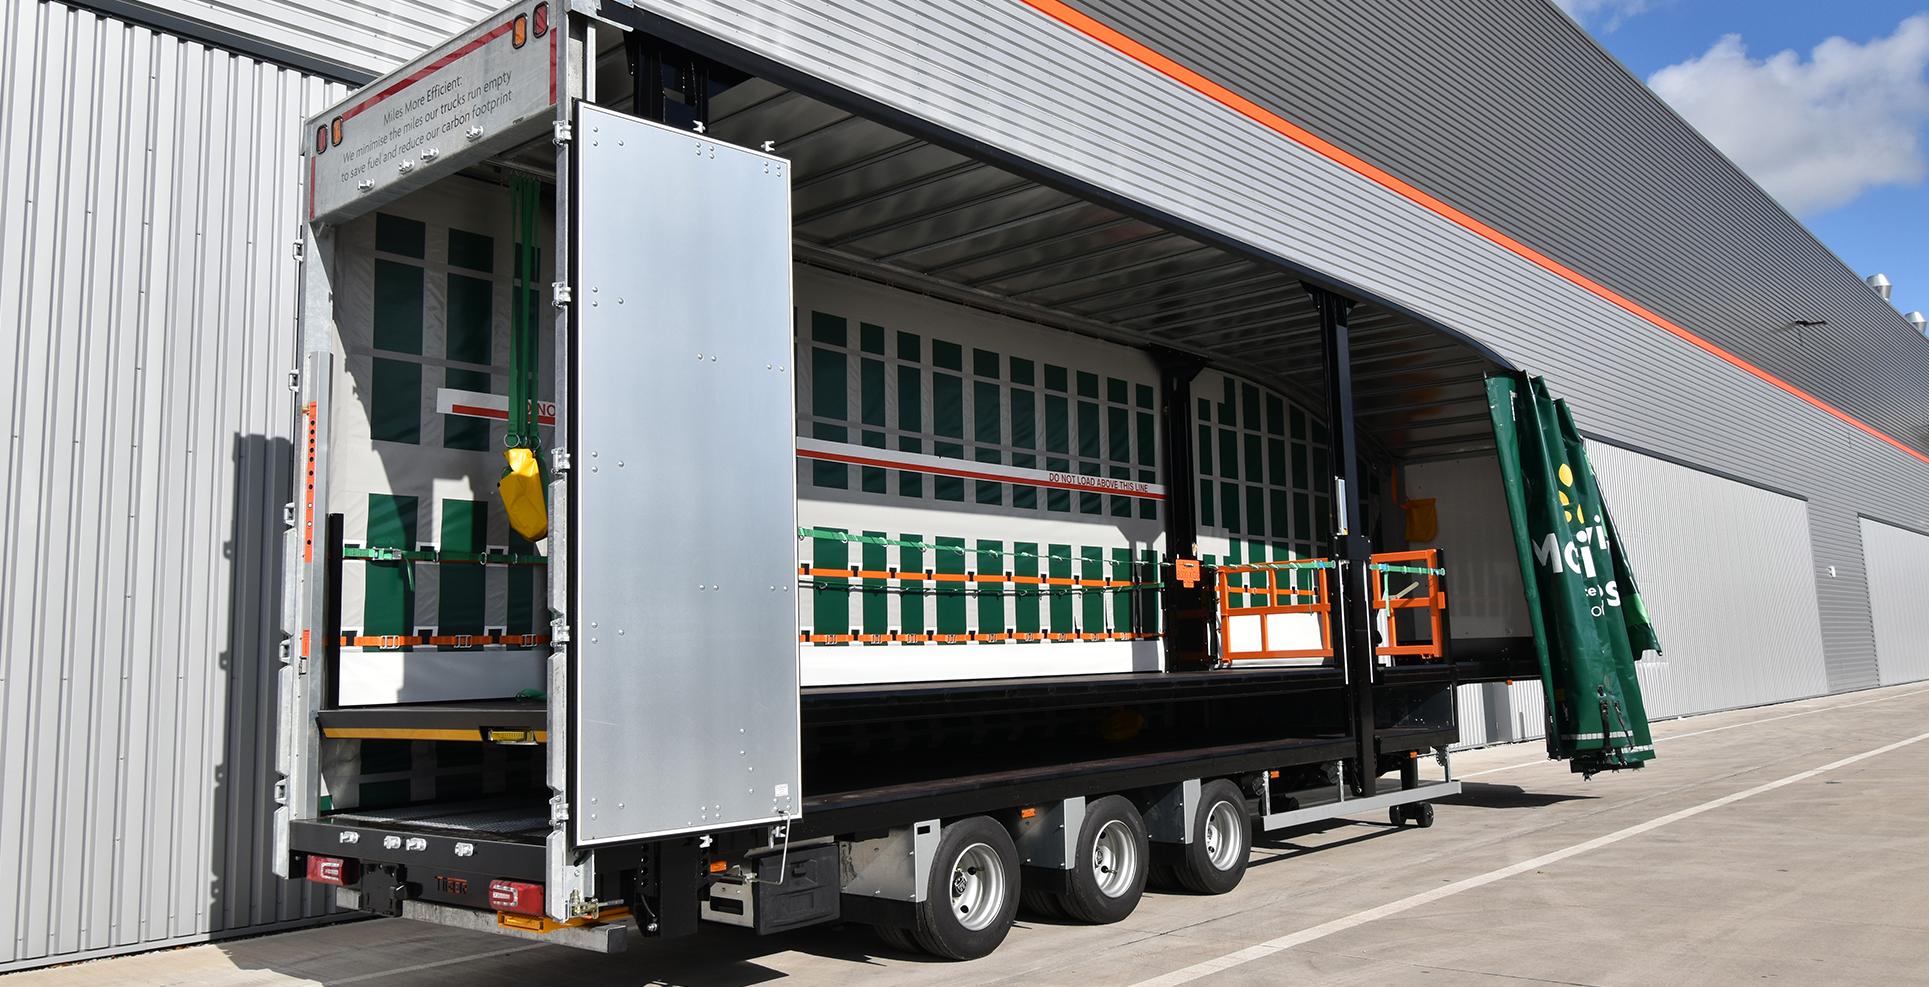 EN 12642 XL curtainsider load securing restraints safety